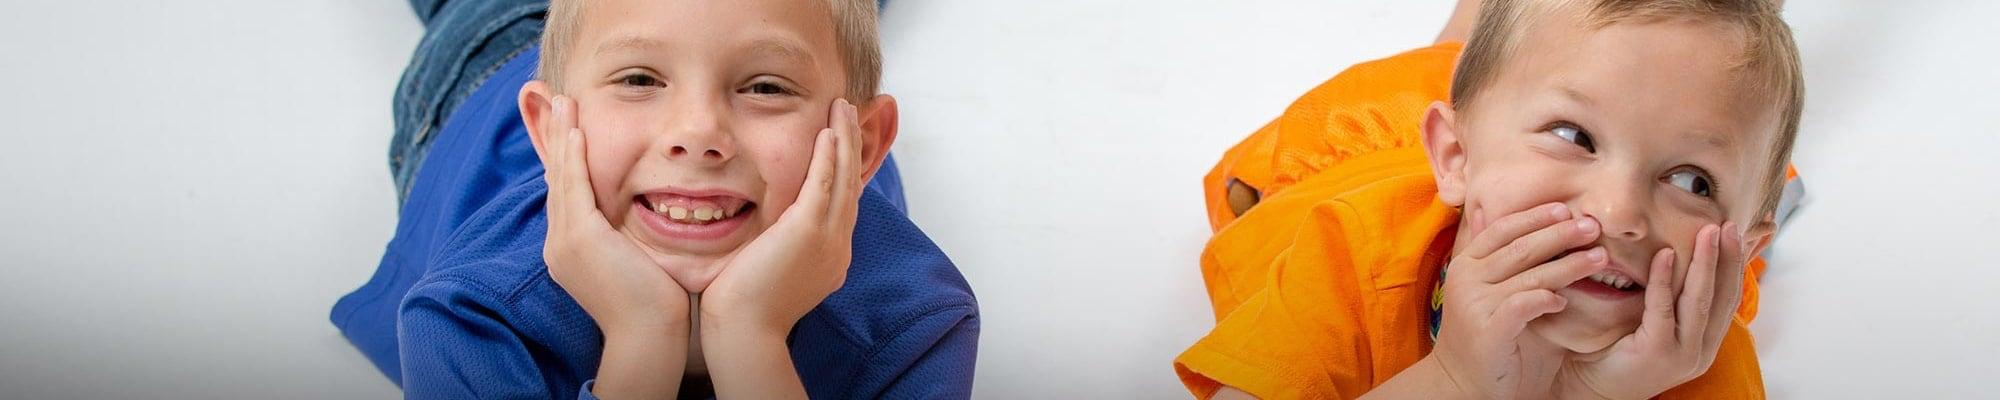 Results PediatricBenchmarks - Pediatric Benchmarks